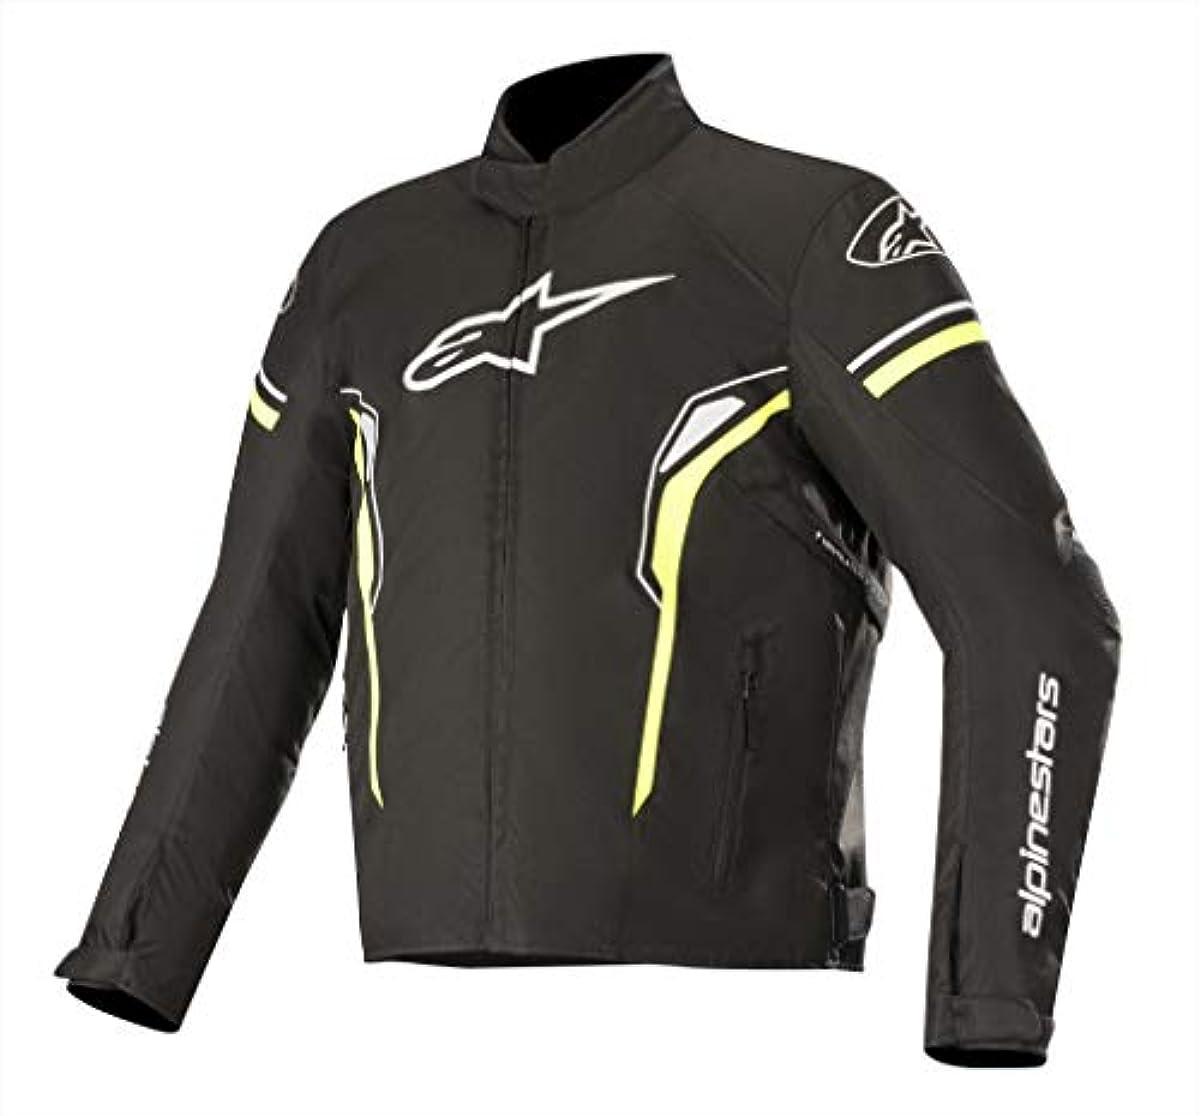 [해외] ALPINESTARS(알파인 스타의)오토바이 재킷 블랙/옐로우 플론 (사이즈:S) T-SP-1 방수 재킷 1693004301